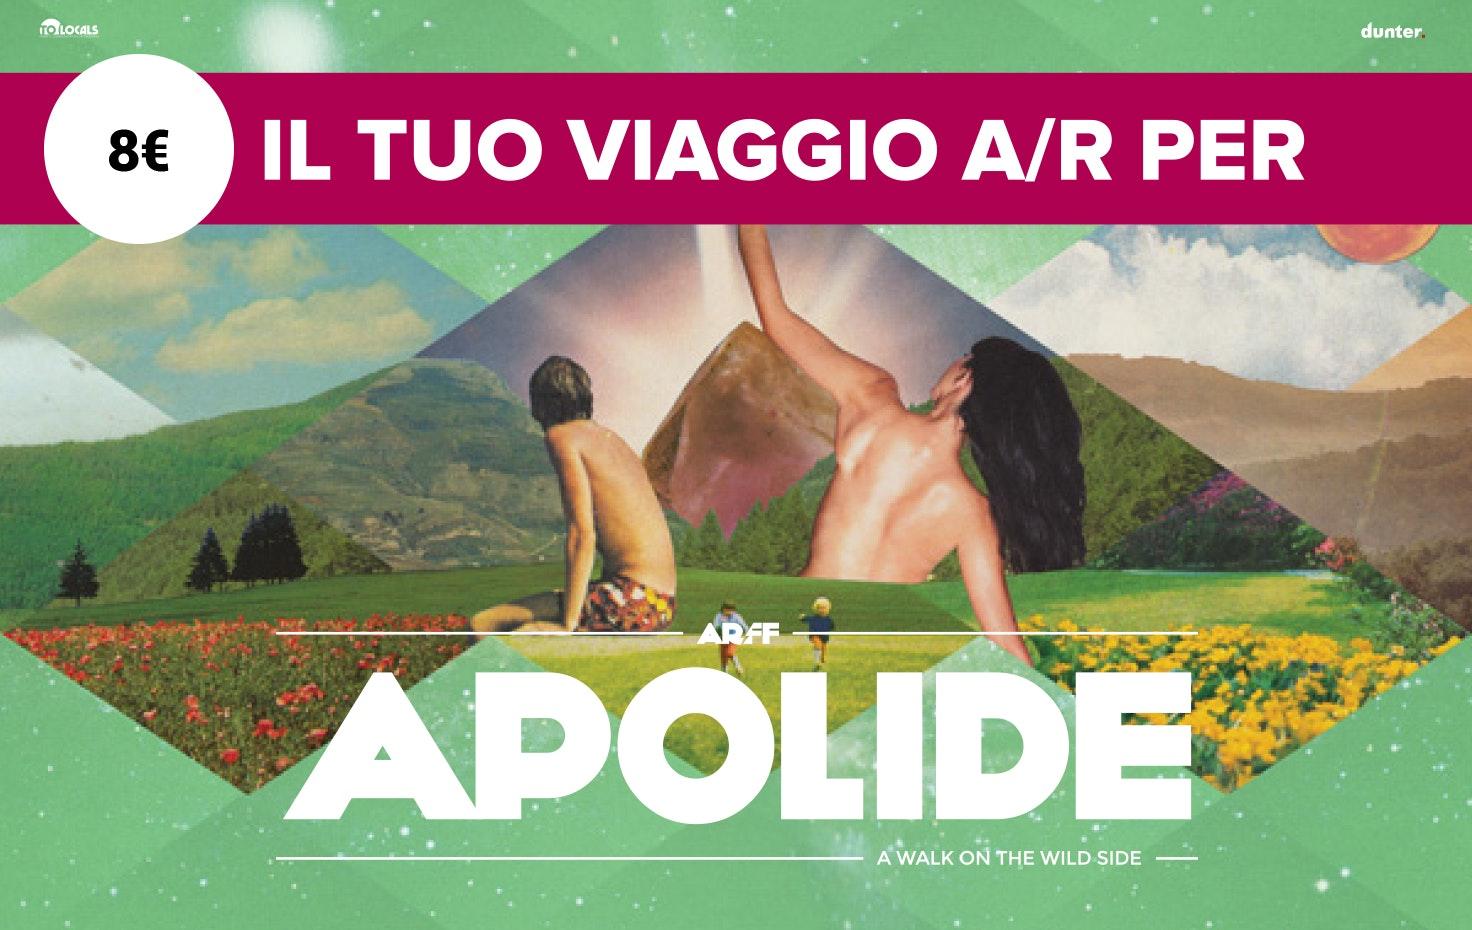 Il tuo viaggio a/r per APOLIDE Festival!